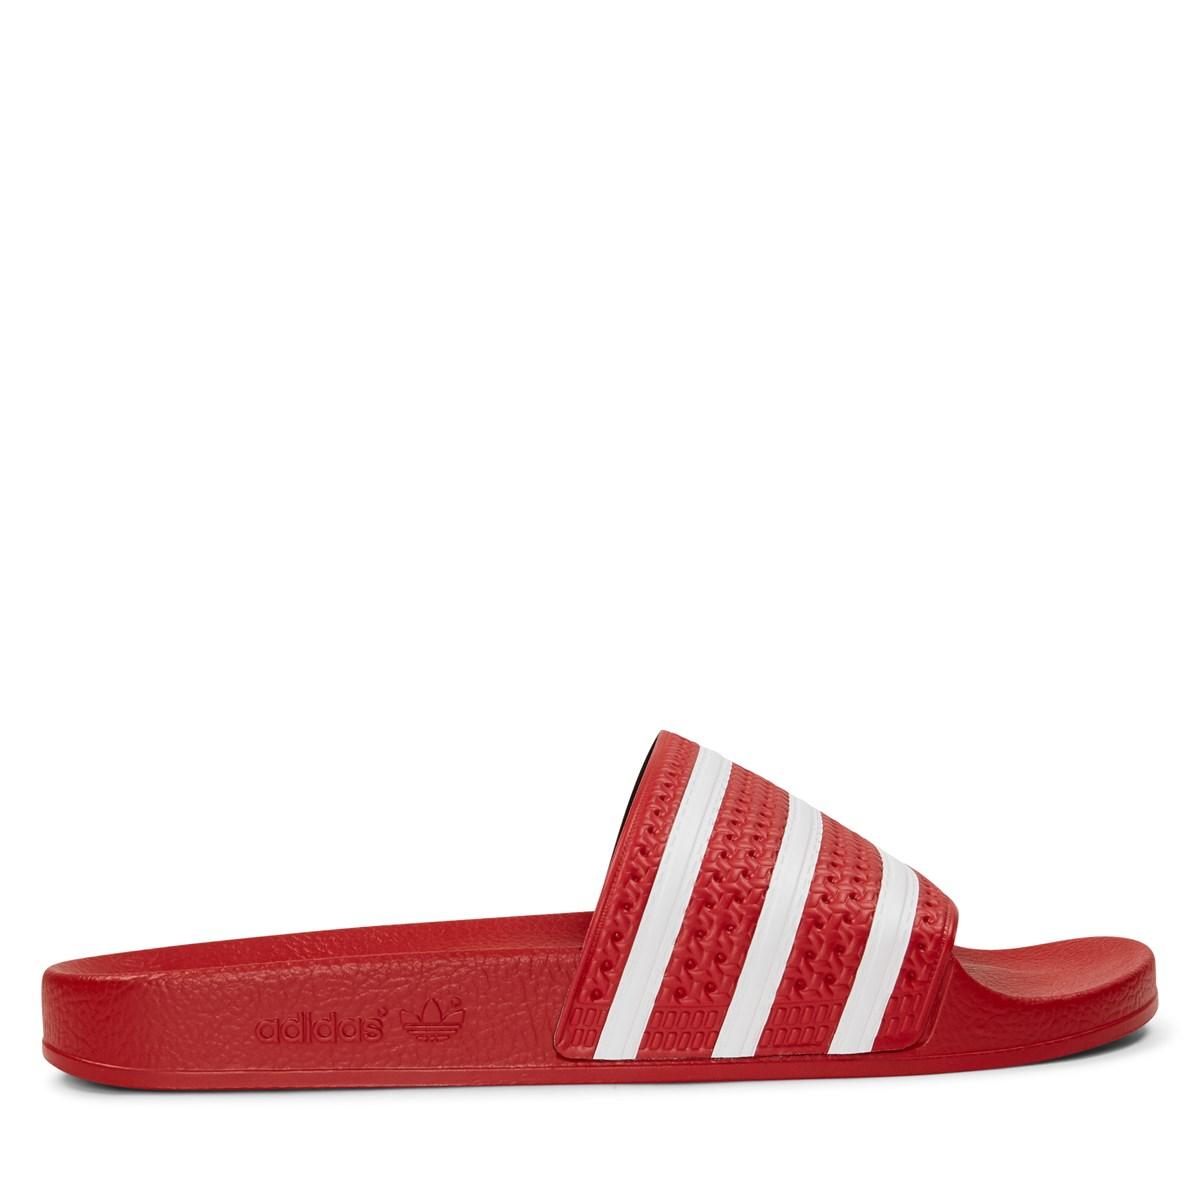 Adilette Red Slides